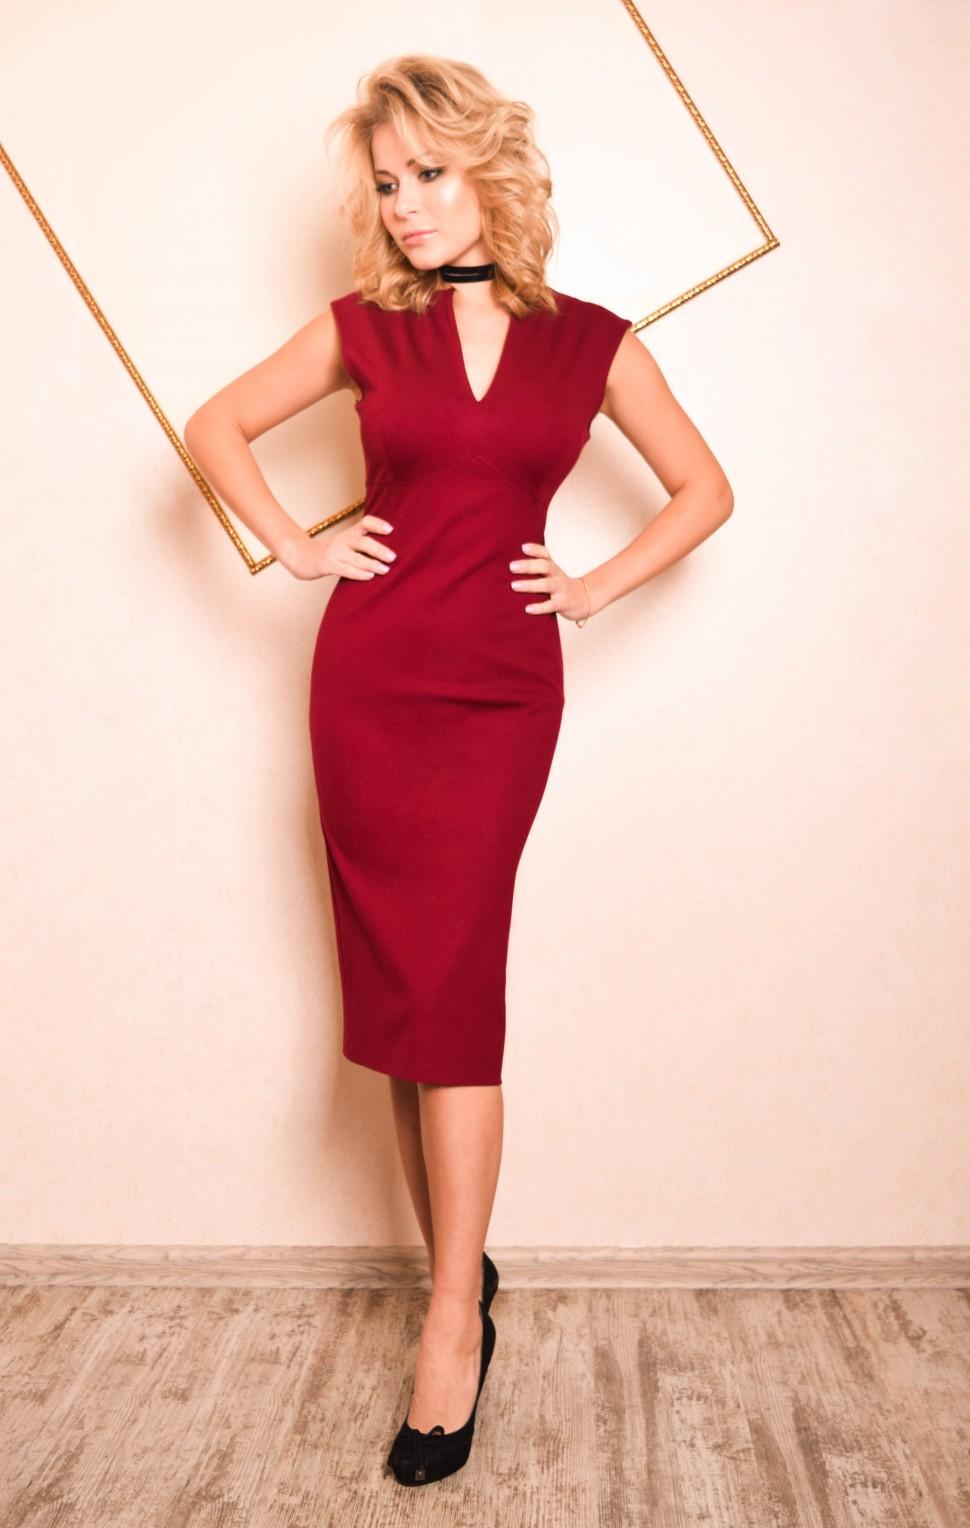 b77f4c16d1a Купить платье футляр с вырезом люсия бордовое в интернет магазине ...